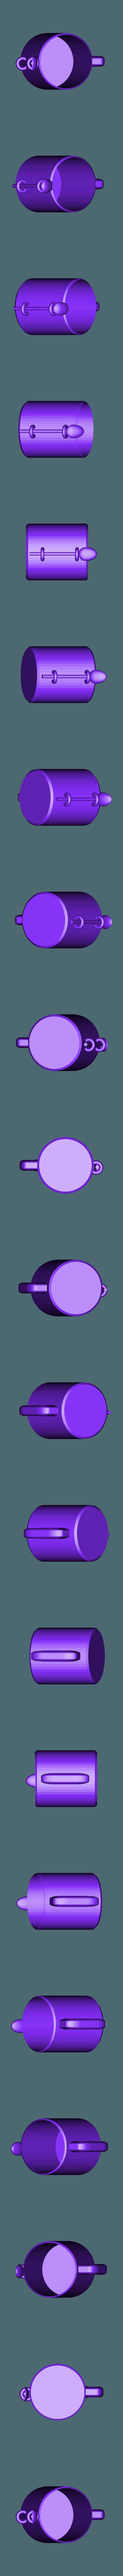 Mug Avec Cuillère.stl Download free STL file Classic Mug + Spoon • Design to 3D print, graphismeMIH